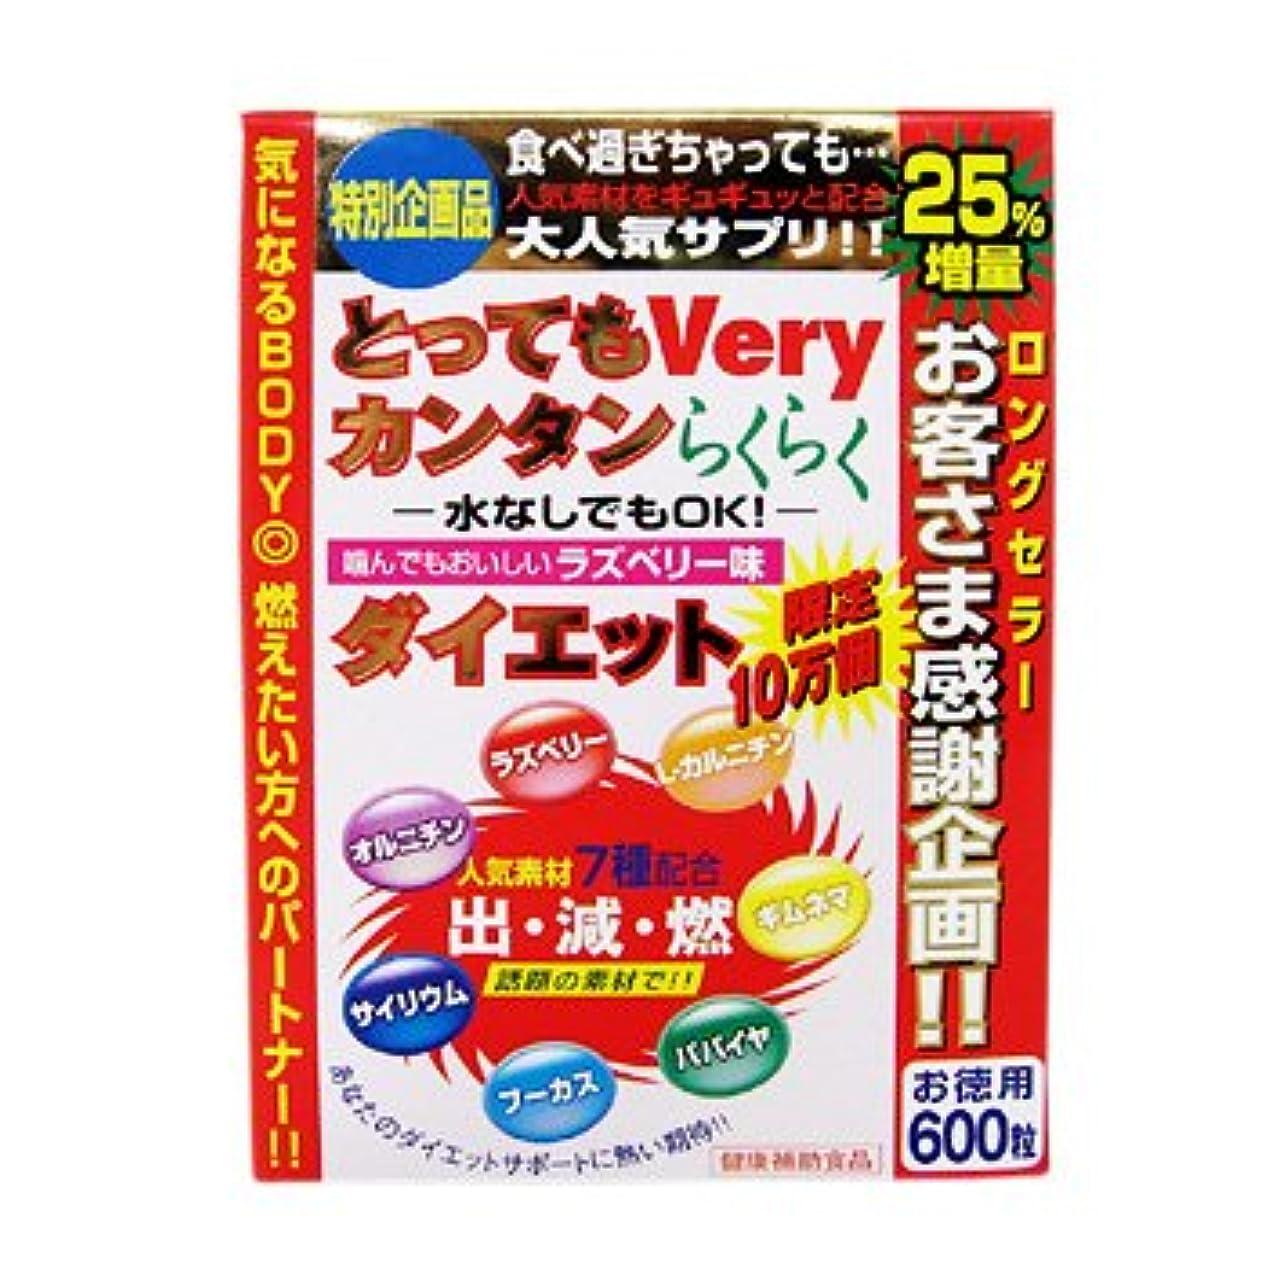 いちゃつくグラマーくちばしジャパンギャルズ とってもVery カンタンらくらくダイエット お徳用 600粒 とってもベリー×5個セット